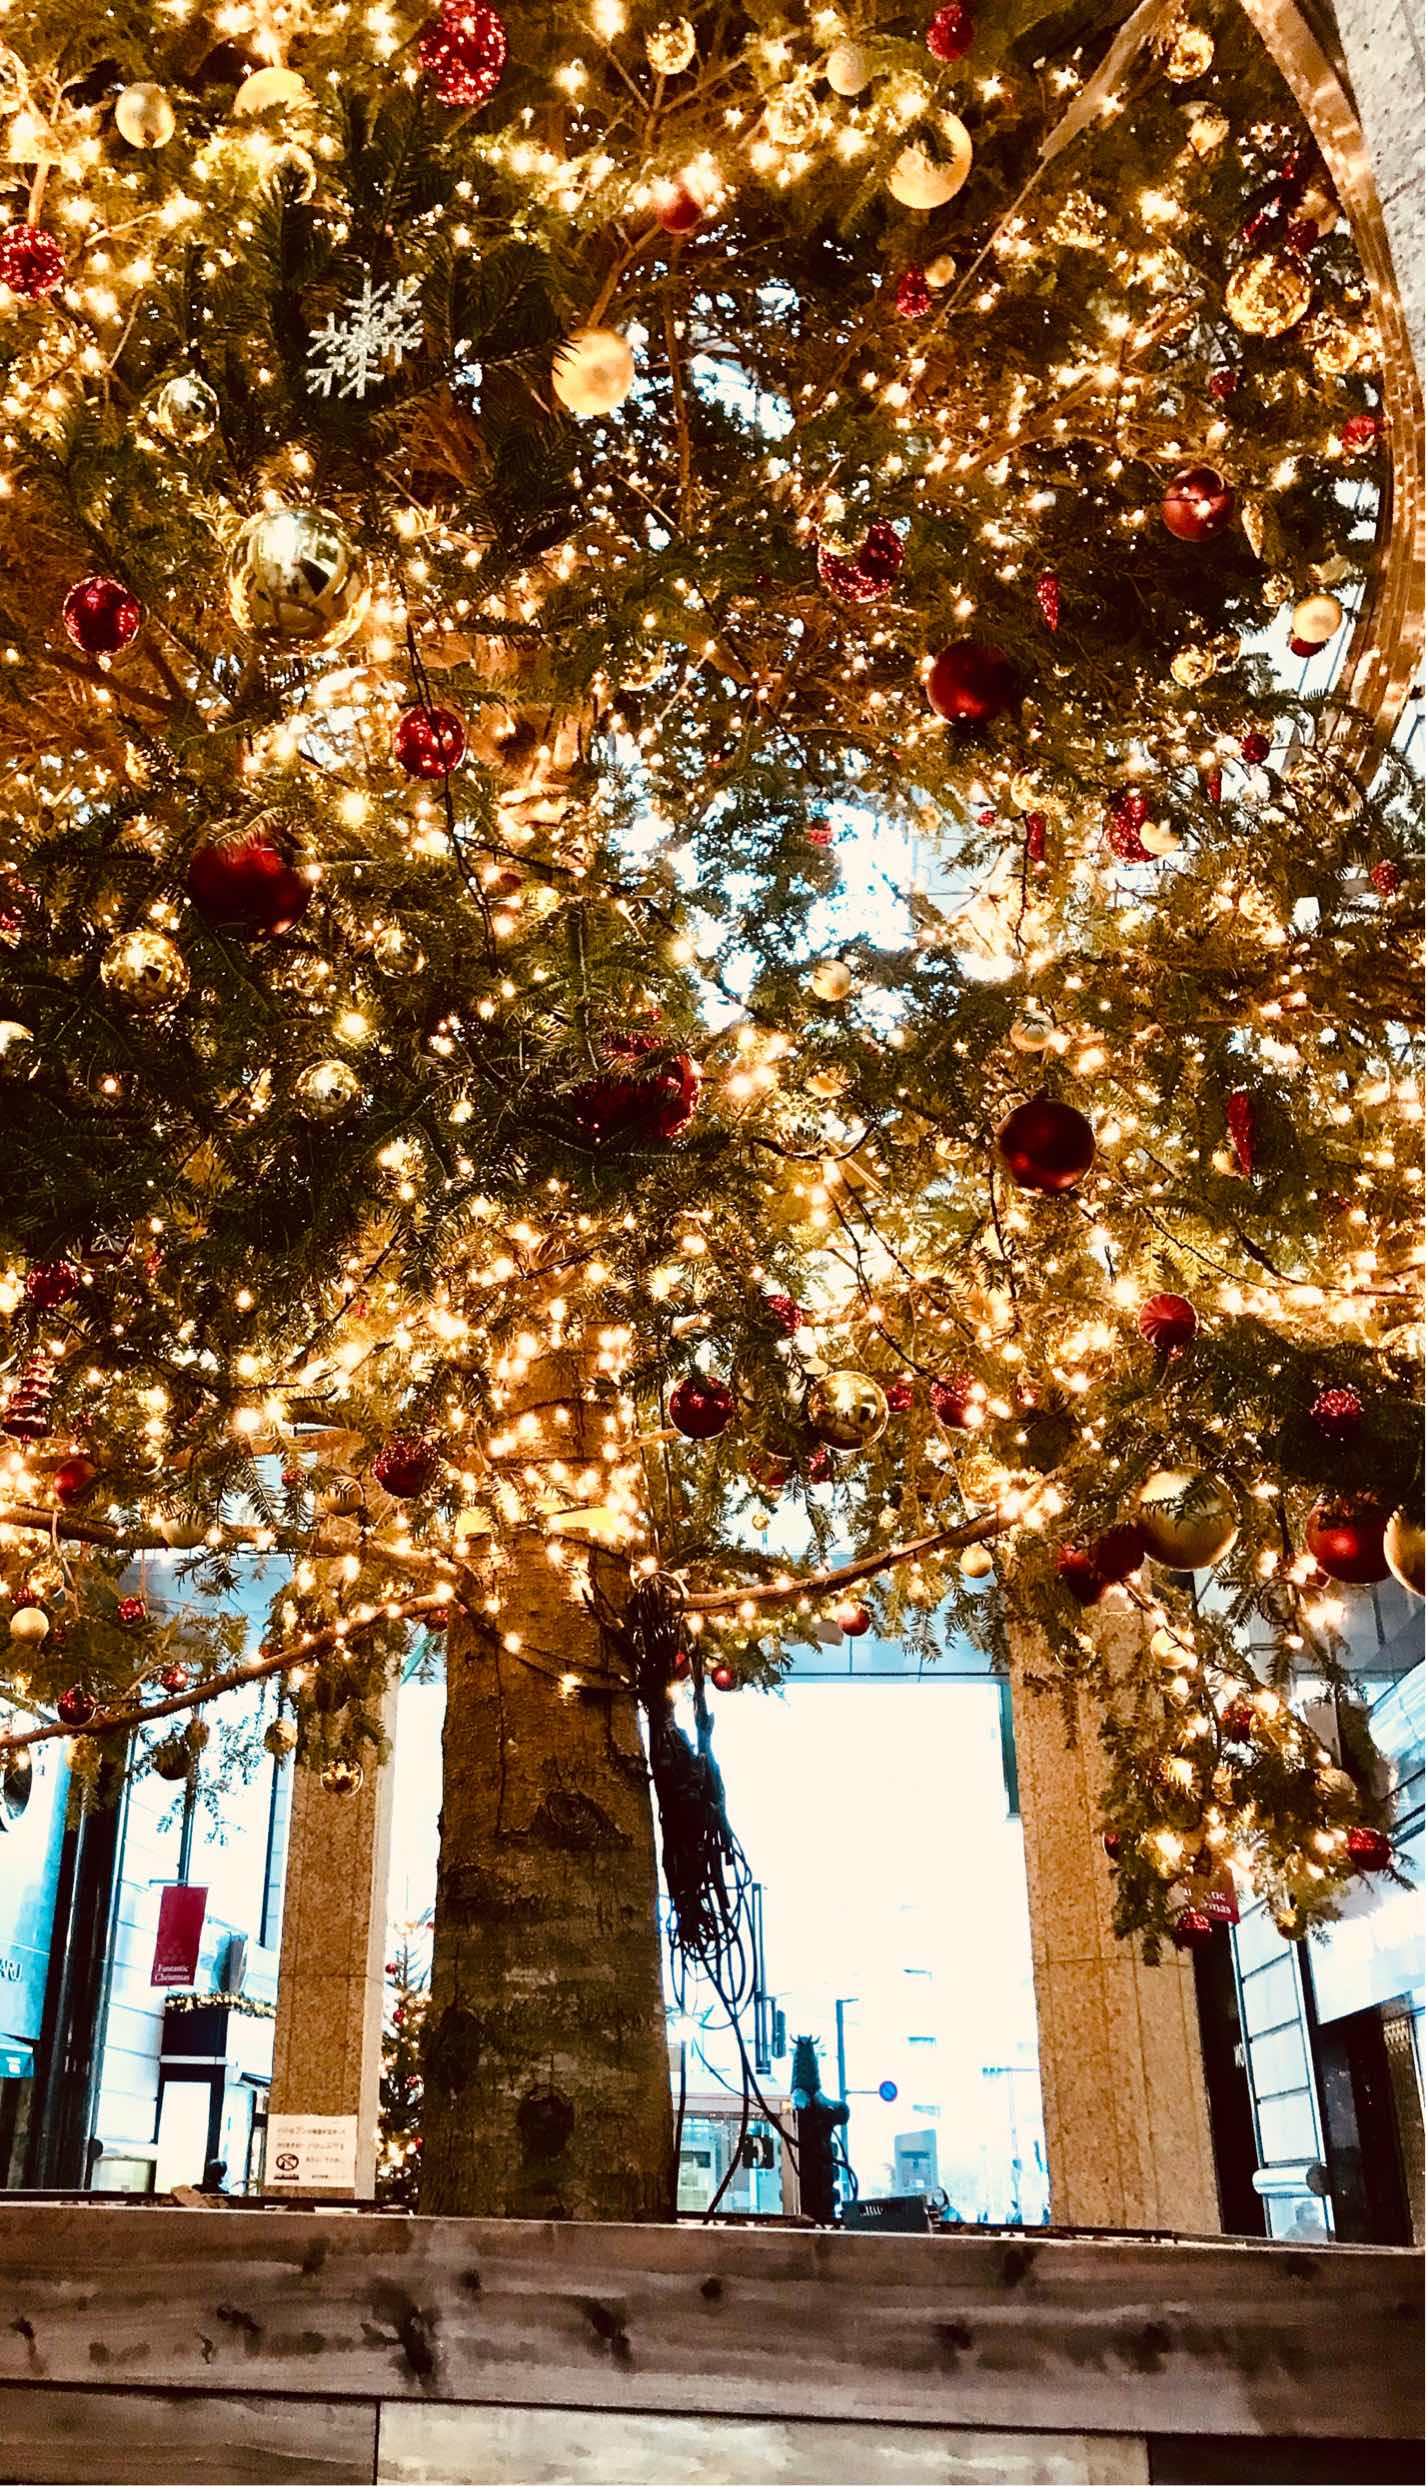 人妻さん日誌:クリスマスですね